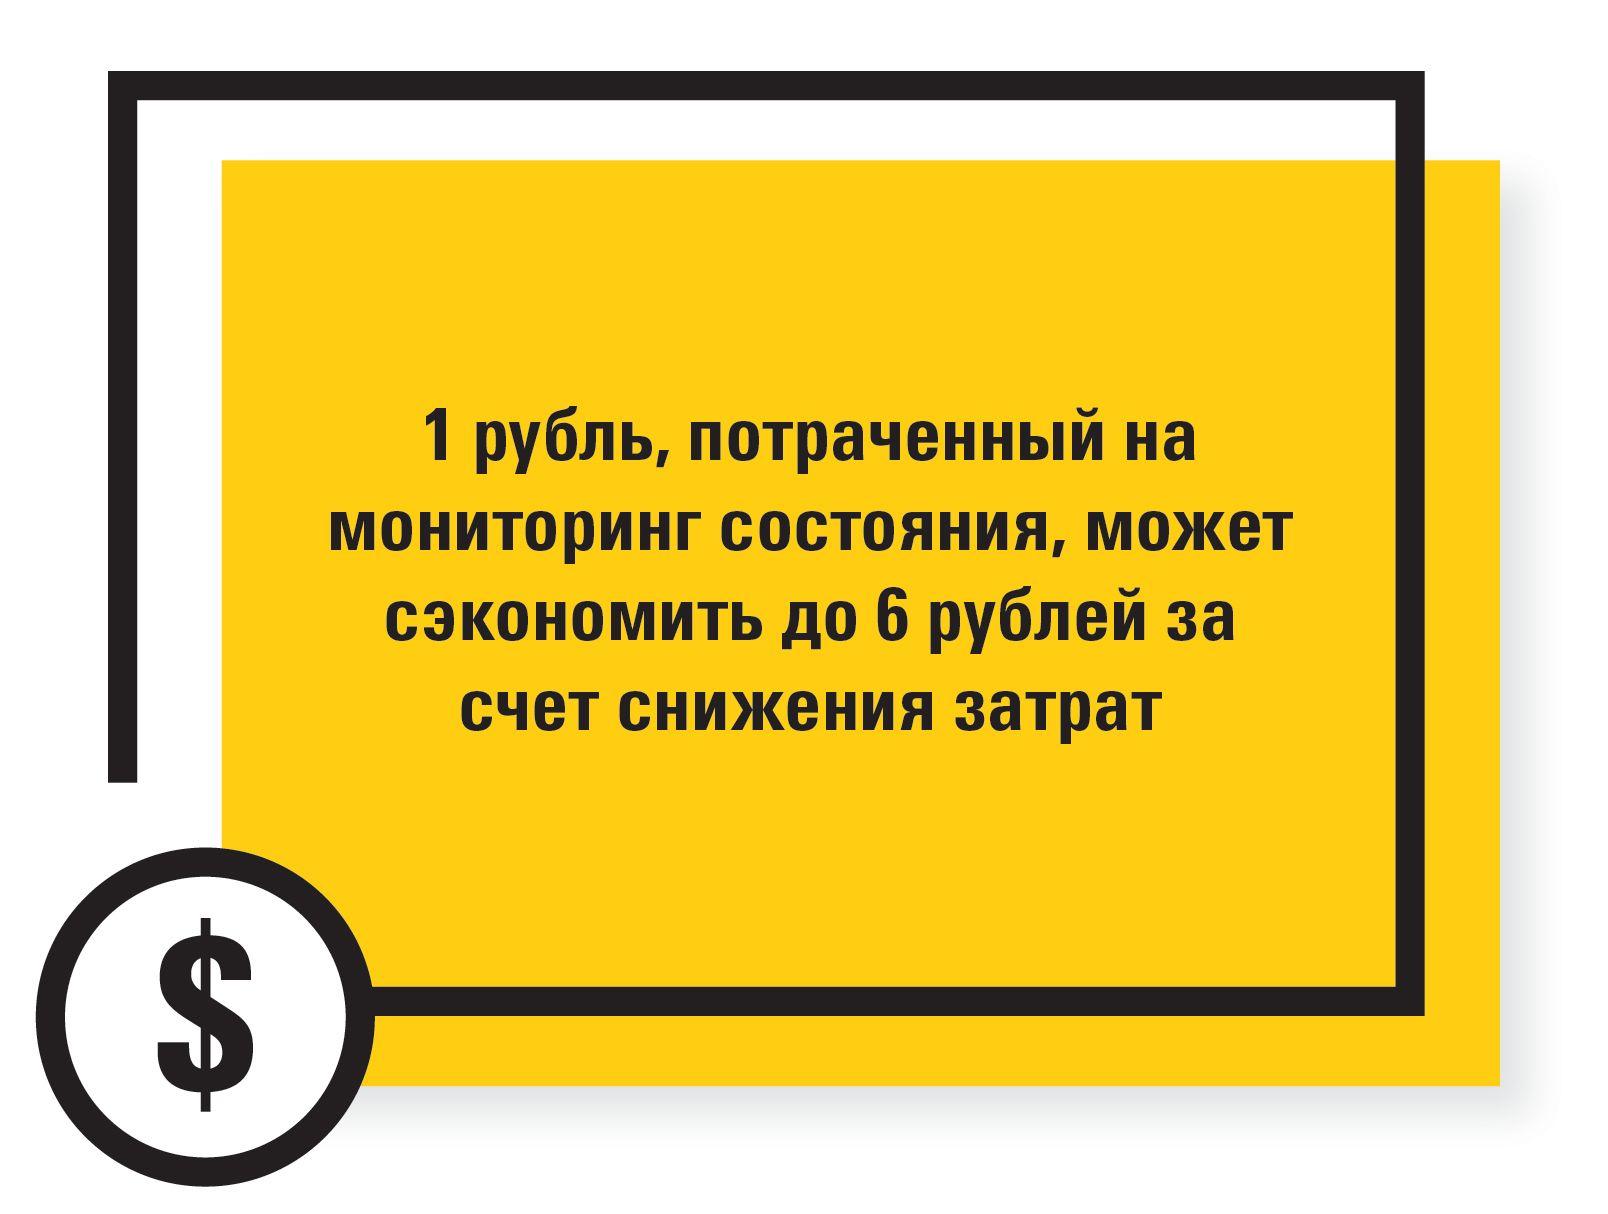 1 рубль, потраченный на мониторинг состояния, может сэкономить до 6 рублей за счет снижения затрат